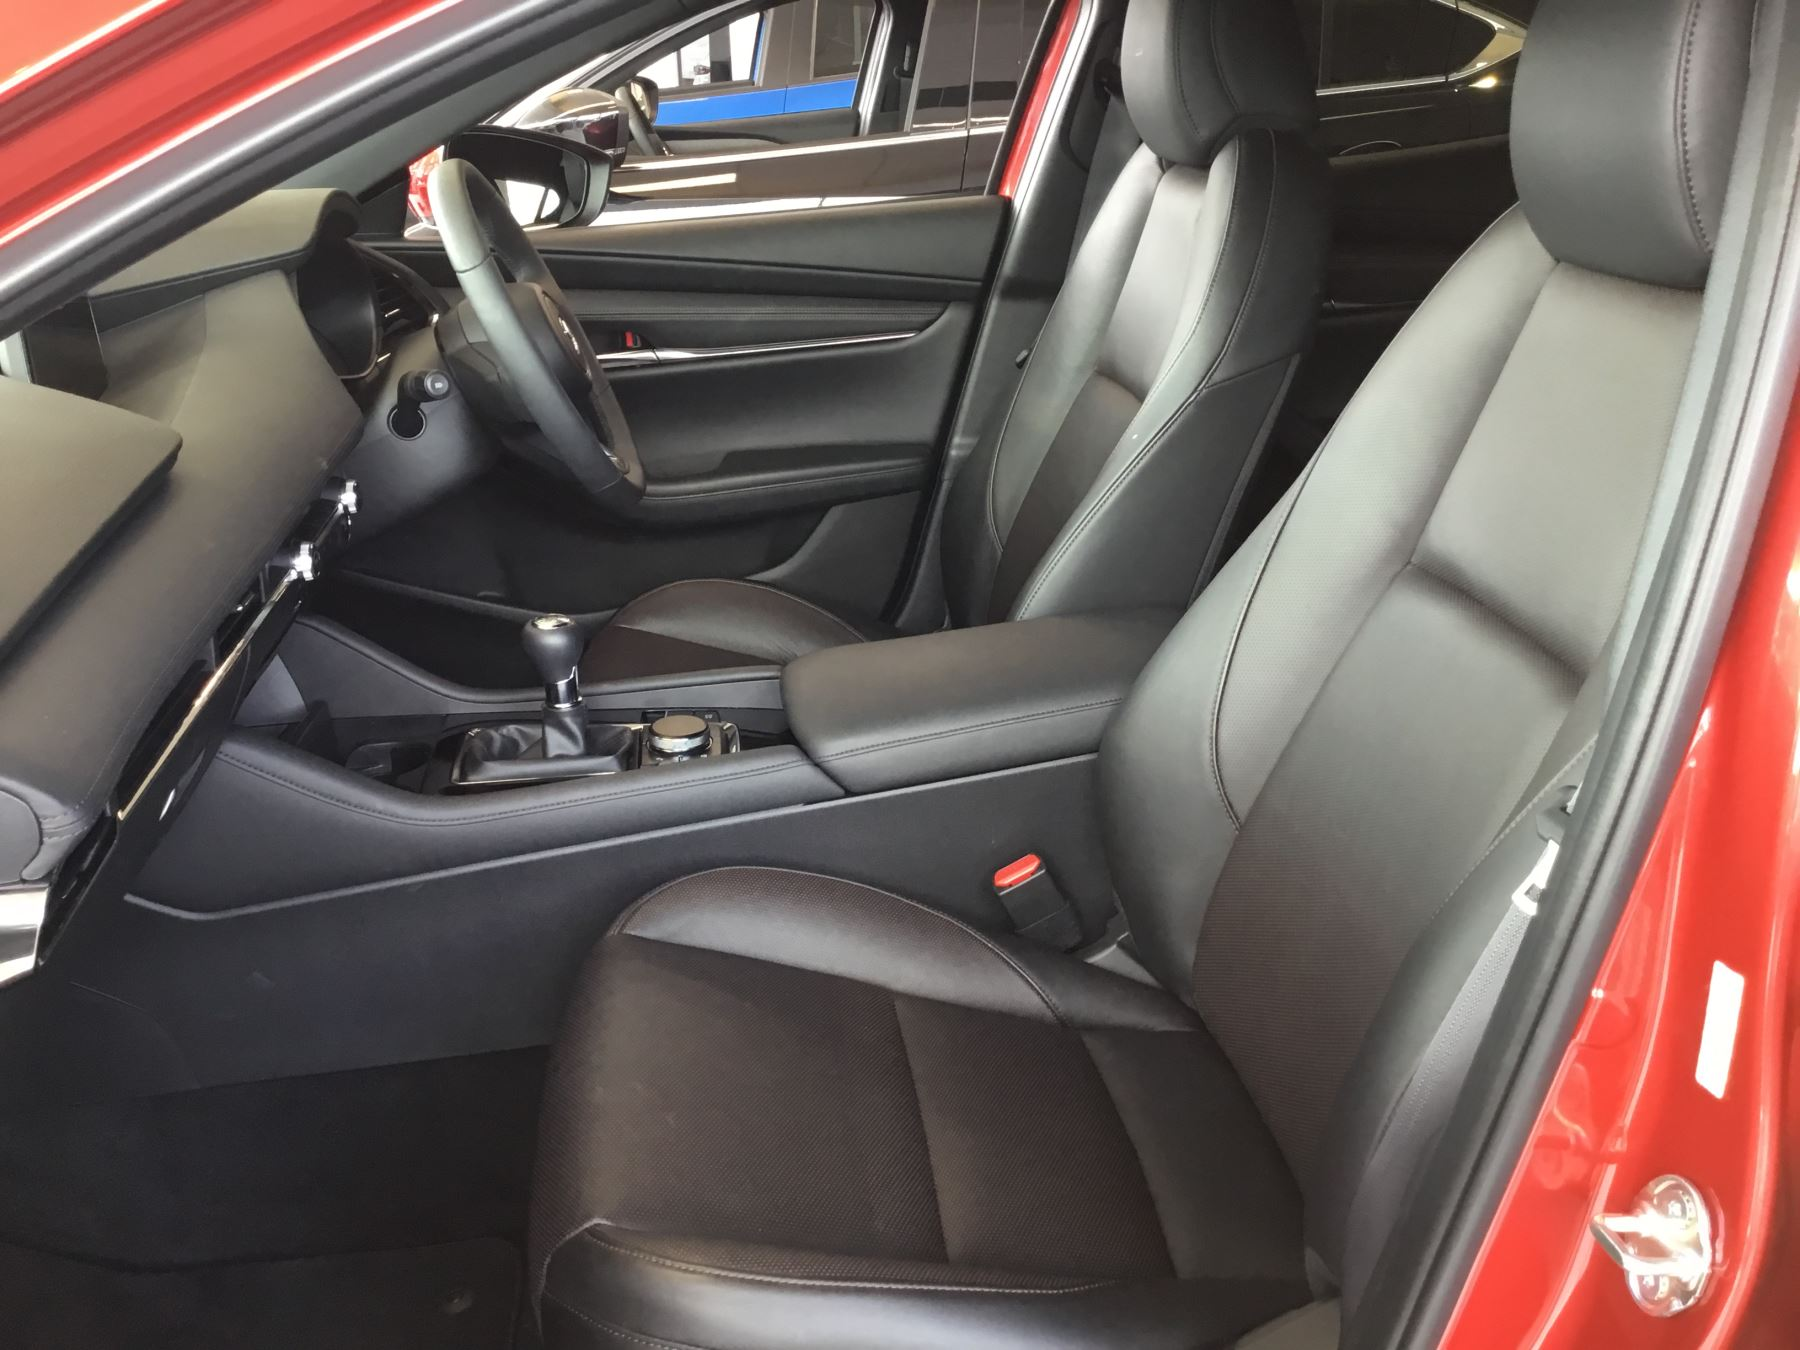 Mazda 3 2.0 GT Sport 5dr image 5